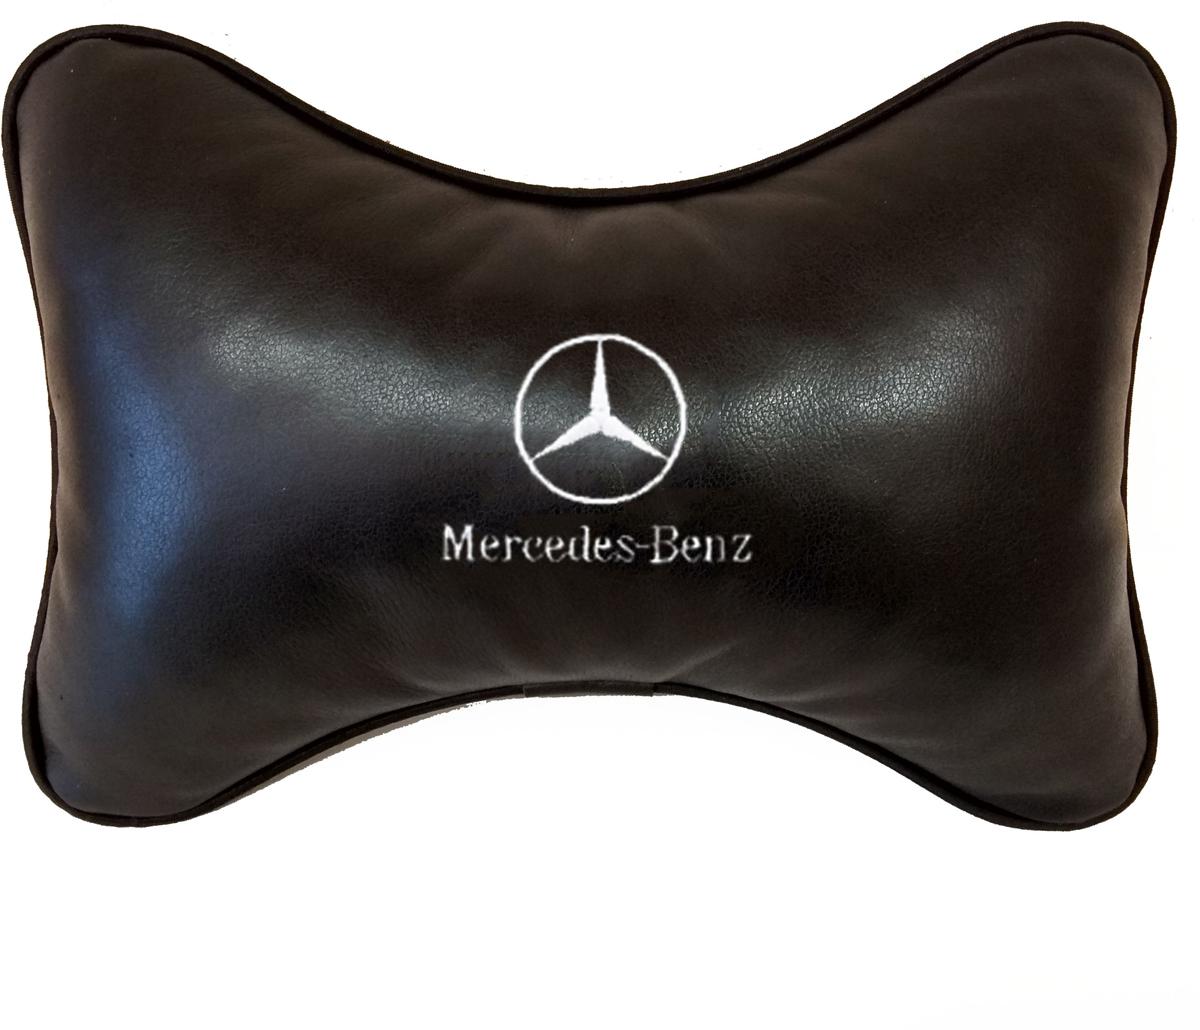 Подушка на подголовник Auto Premium Mersedes-benz, цвет: черный. 37806 подушка на подголовник auto premium nissan цвет бежевый 37583